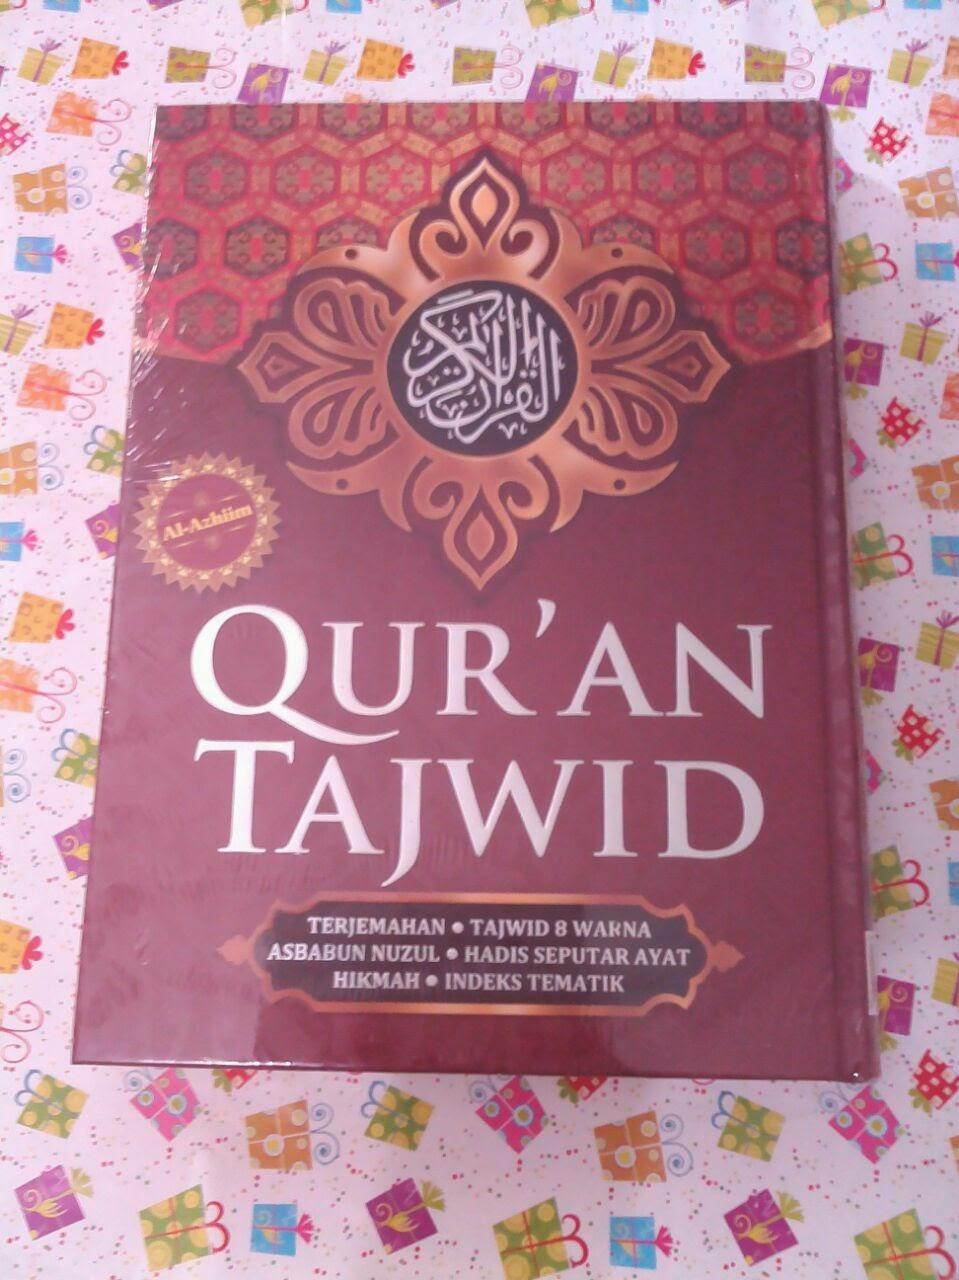 Al Quran Rainbow ukuran A4, Al Quran Rainbow Maghfirah ukuran A4, Al Quran Rainbow ukuran Ekstra besar murah, harga Al quran rainbow ukuran ekstra besar